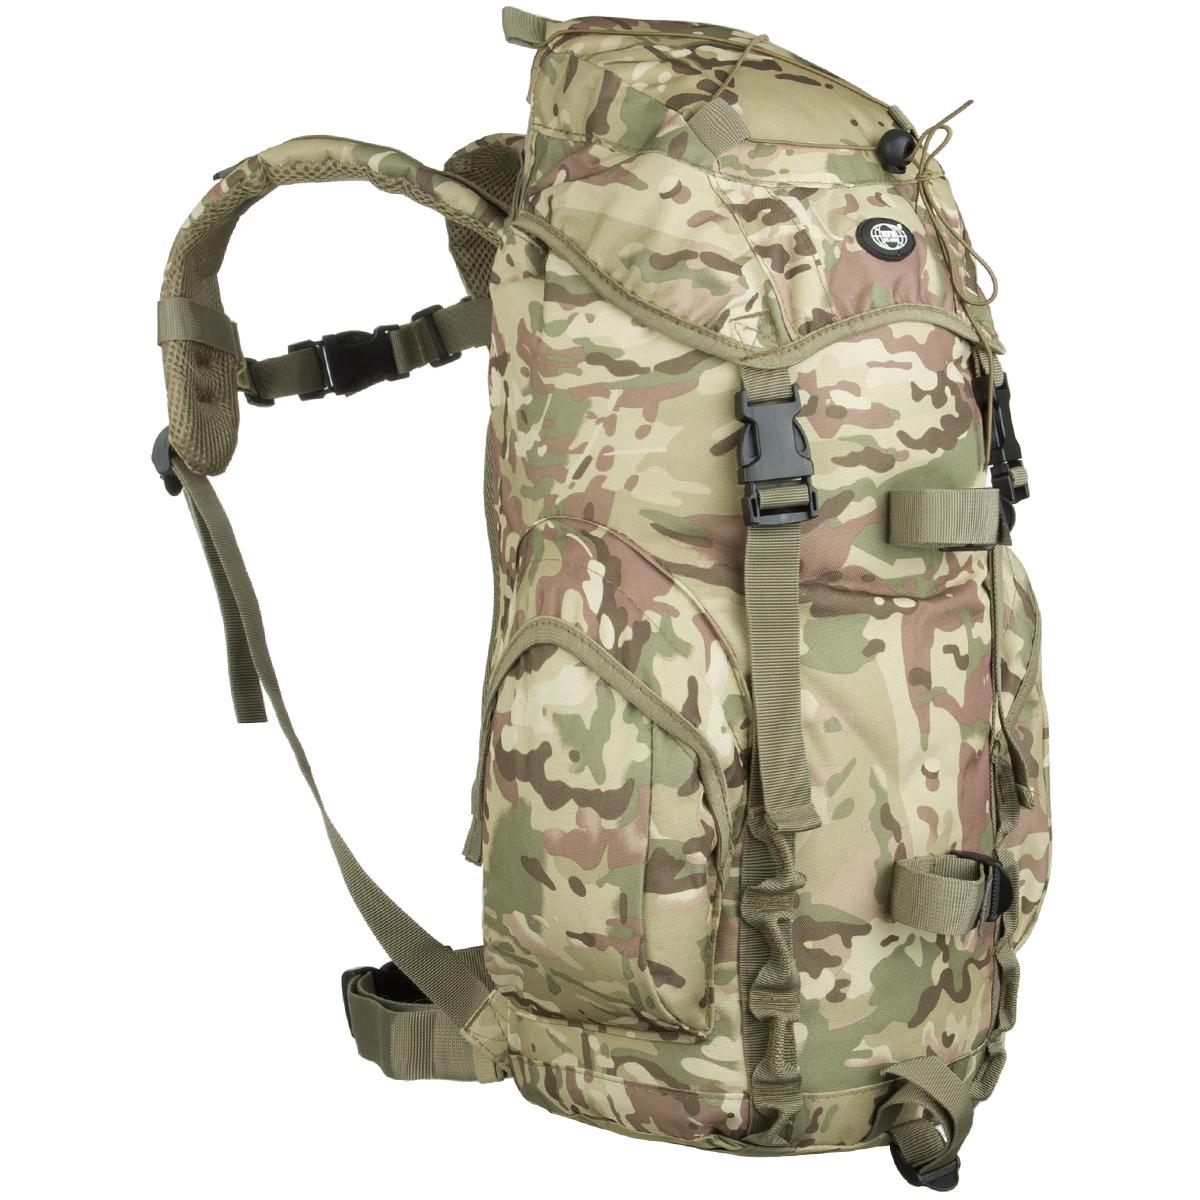 mfh%5fbackpack%5frecon%5fii%5f25l%5foperation%5fcamo%5f1 - MFH Mochila Recon III 35L Camping Militar Ejército Al Aire Libre Operation Camo